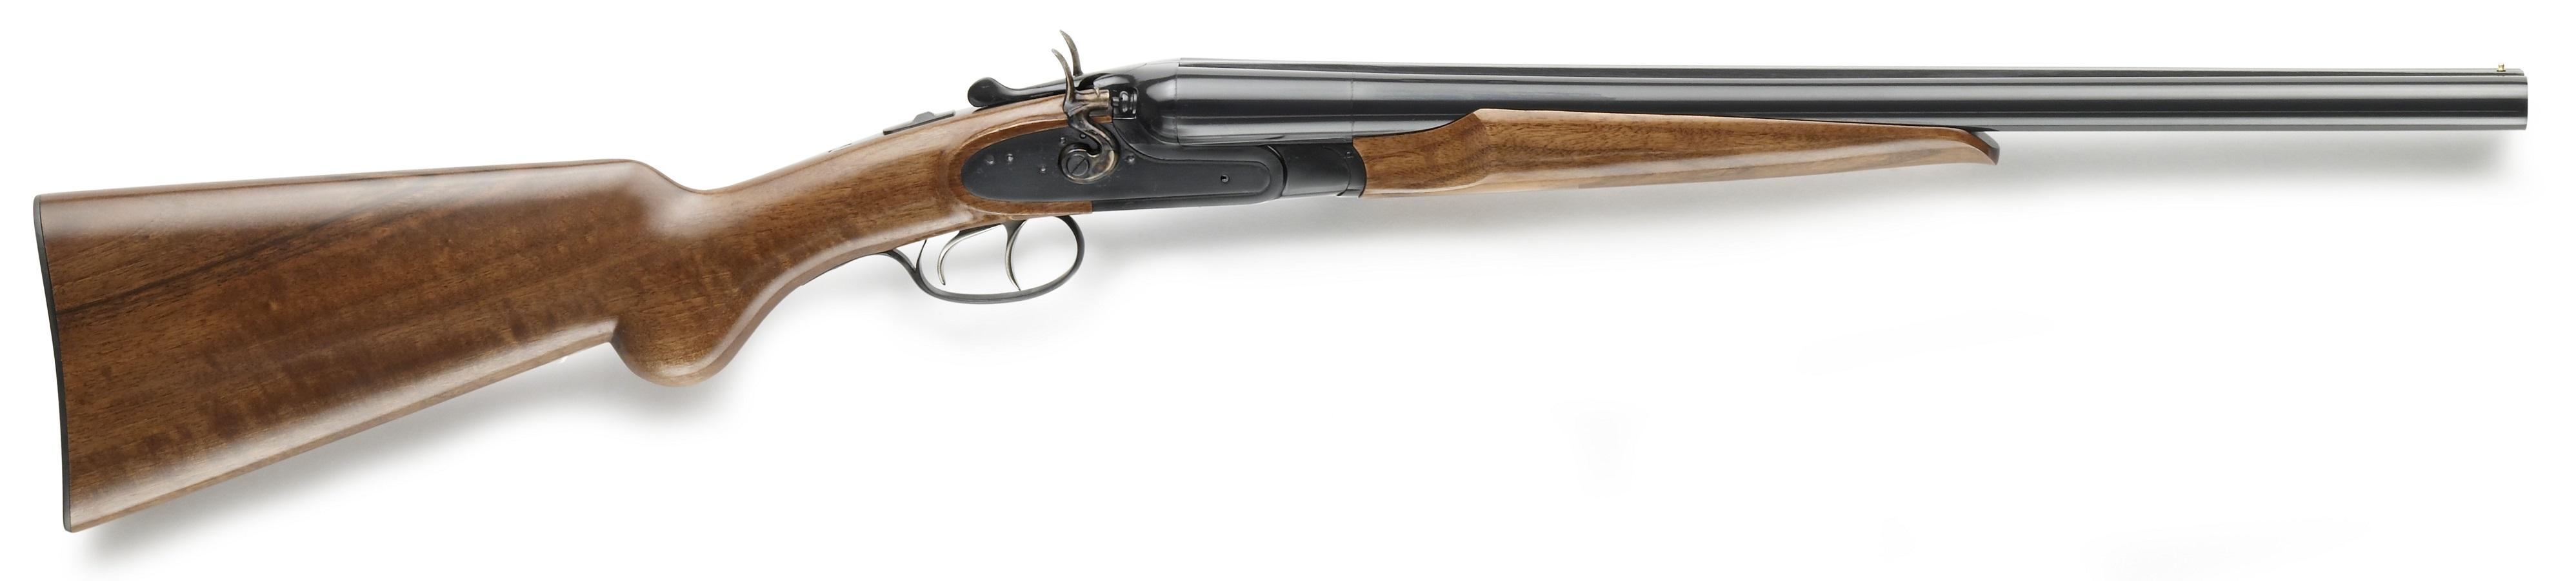 1878 Hartford SxS Shotgun